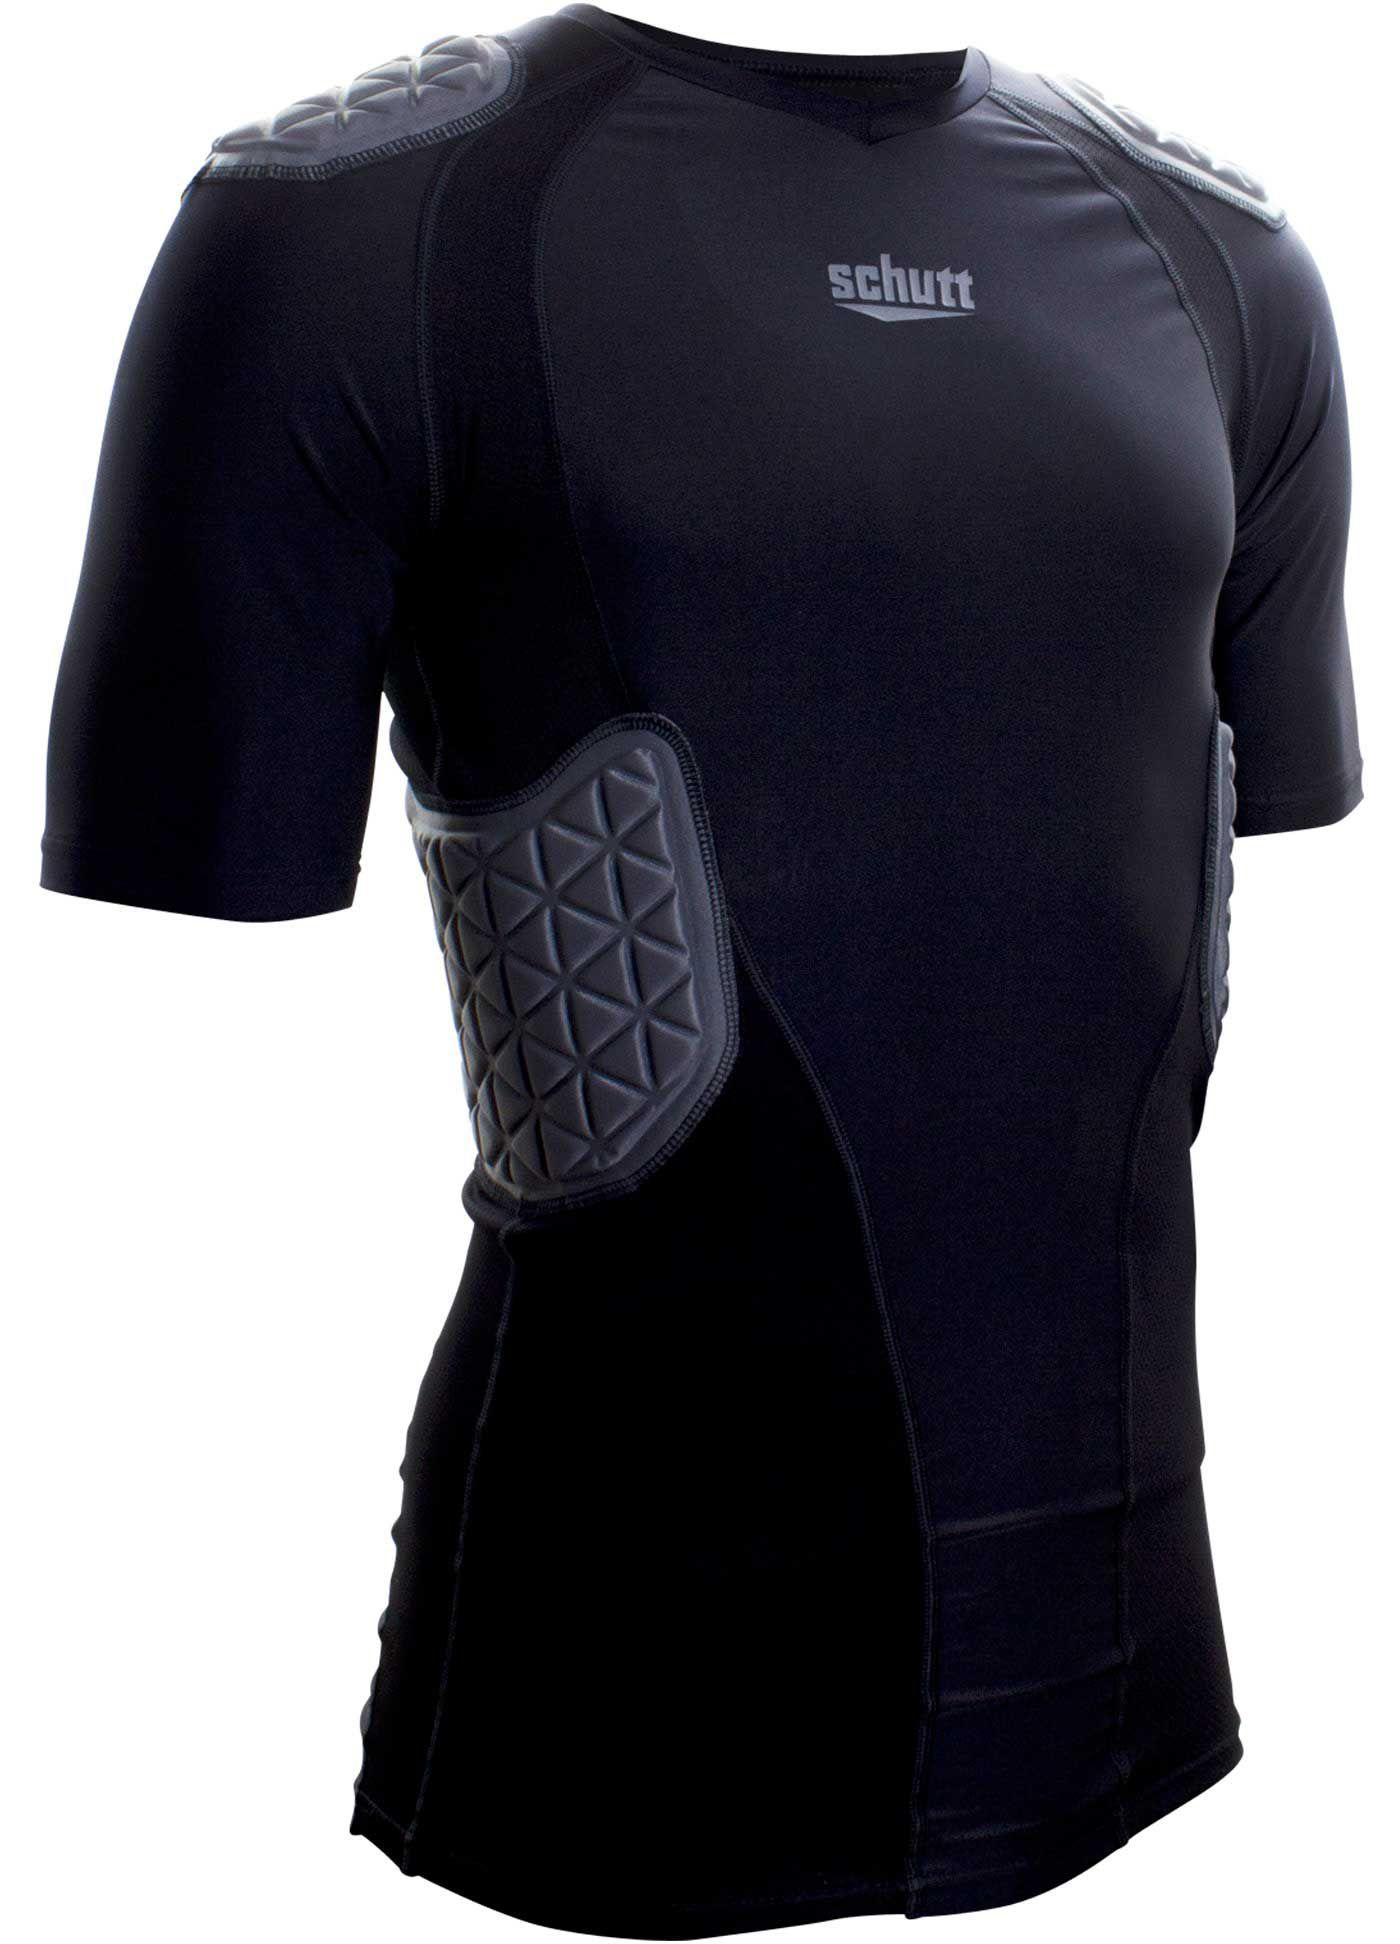 Schutt Varsity Pro Tech Integrated Shirt